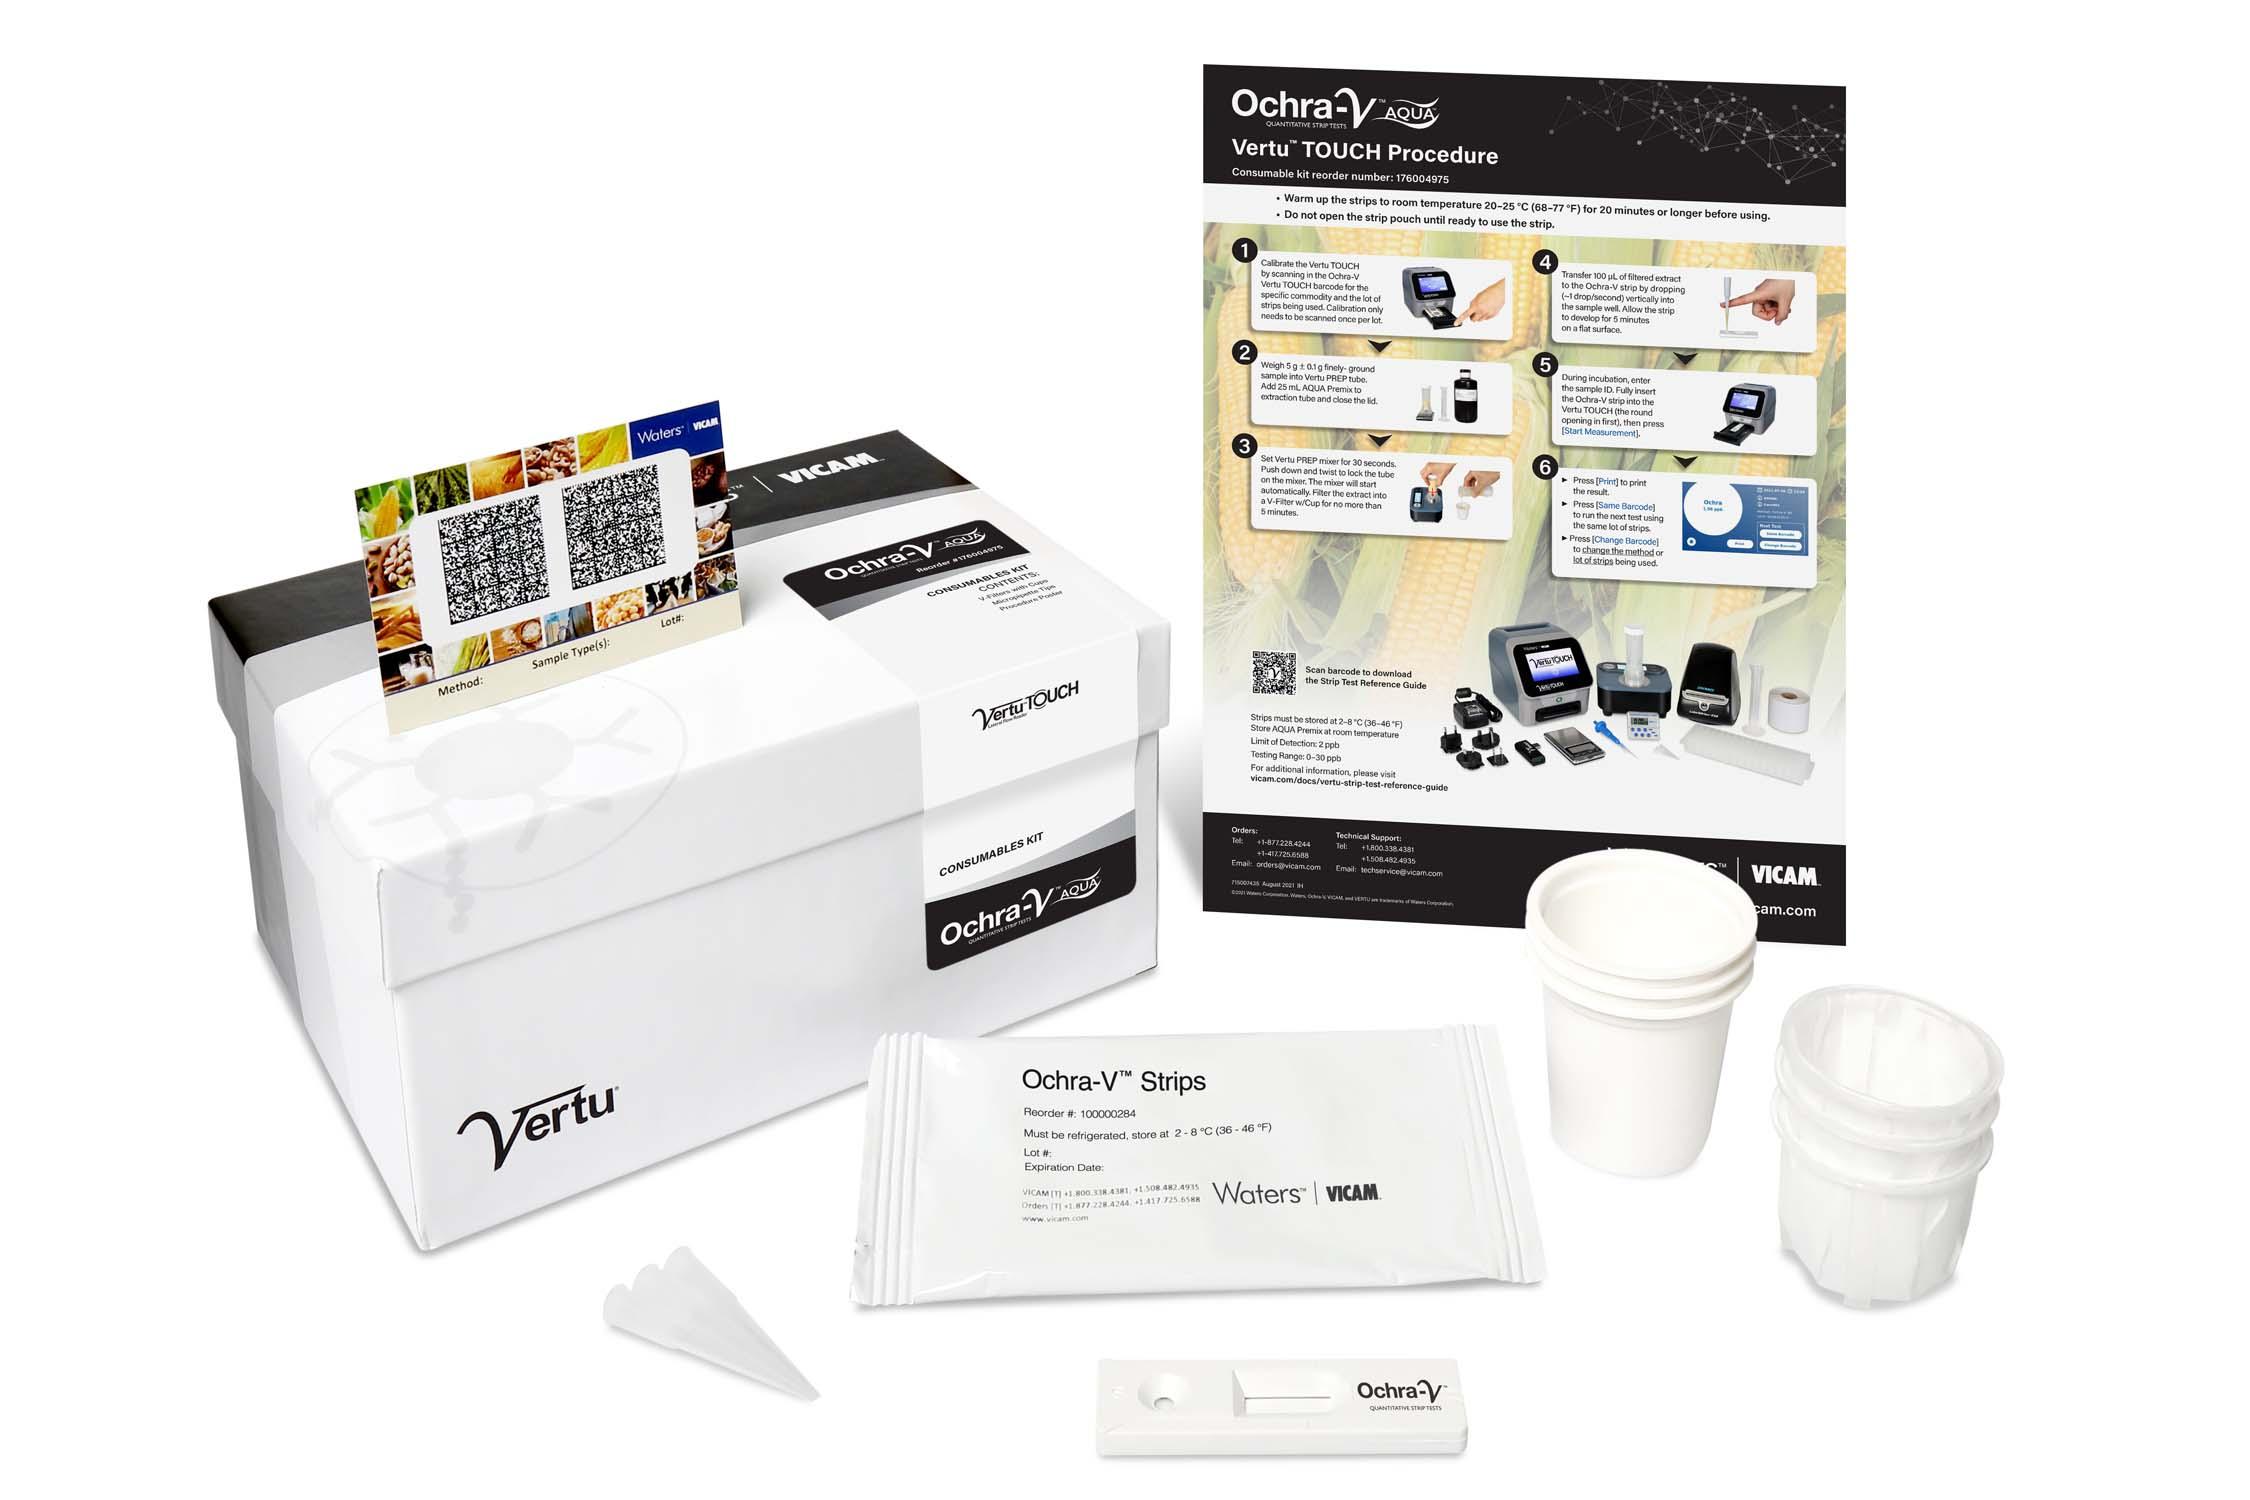 Ochra-V AQUA VT Kit (25 Tests)